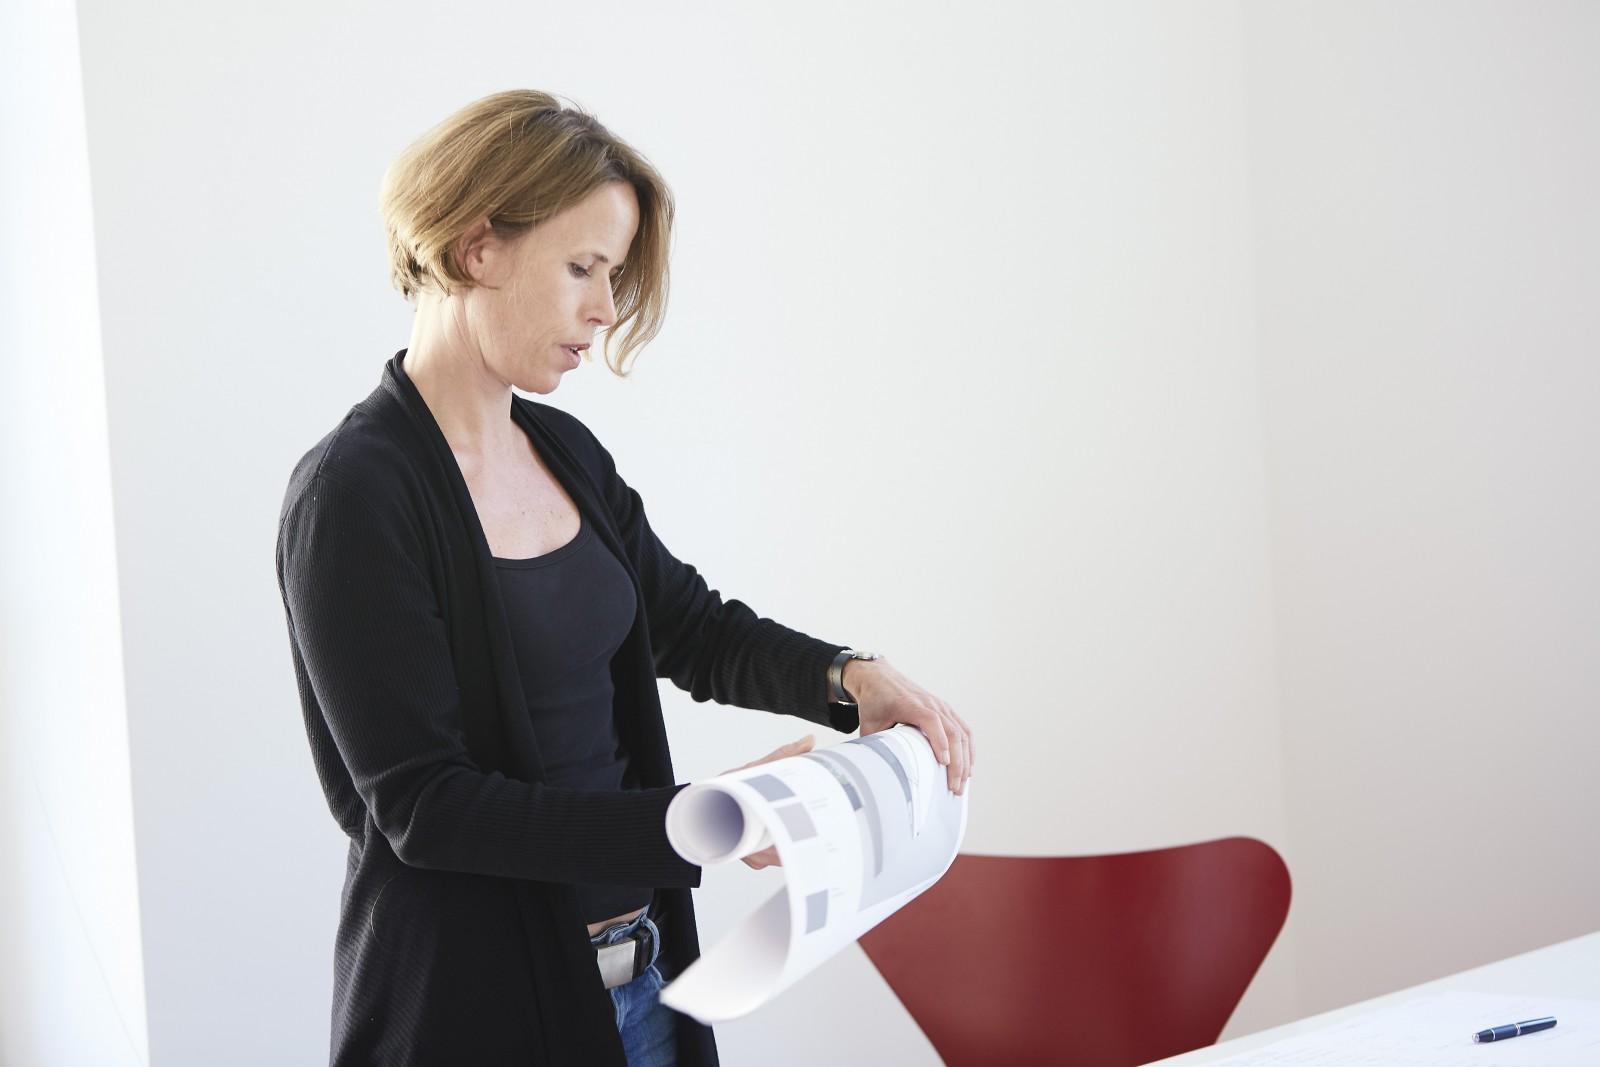 Carolin Ruckdeschel